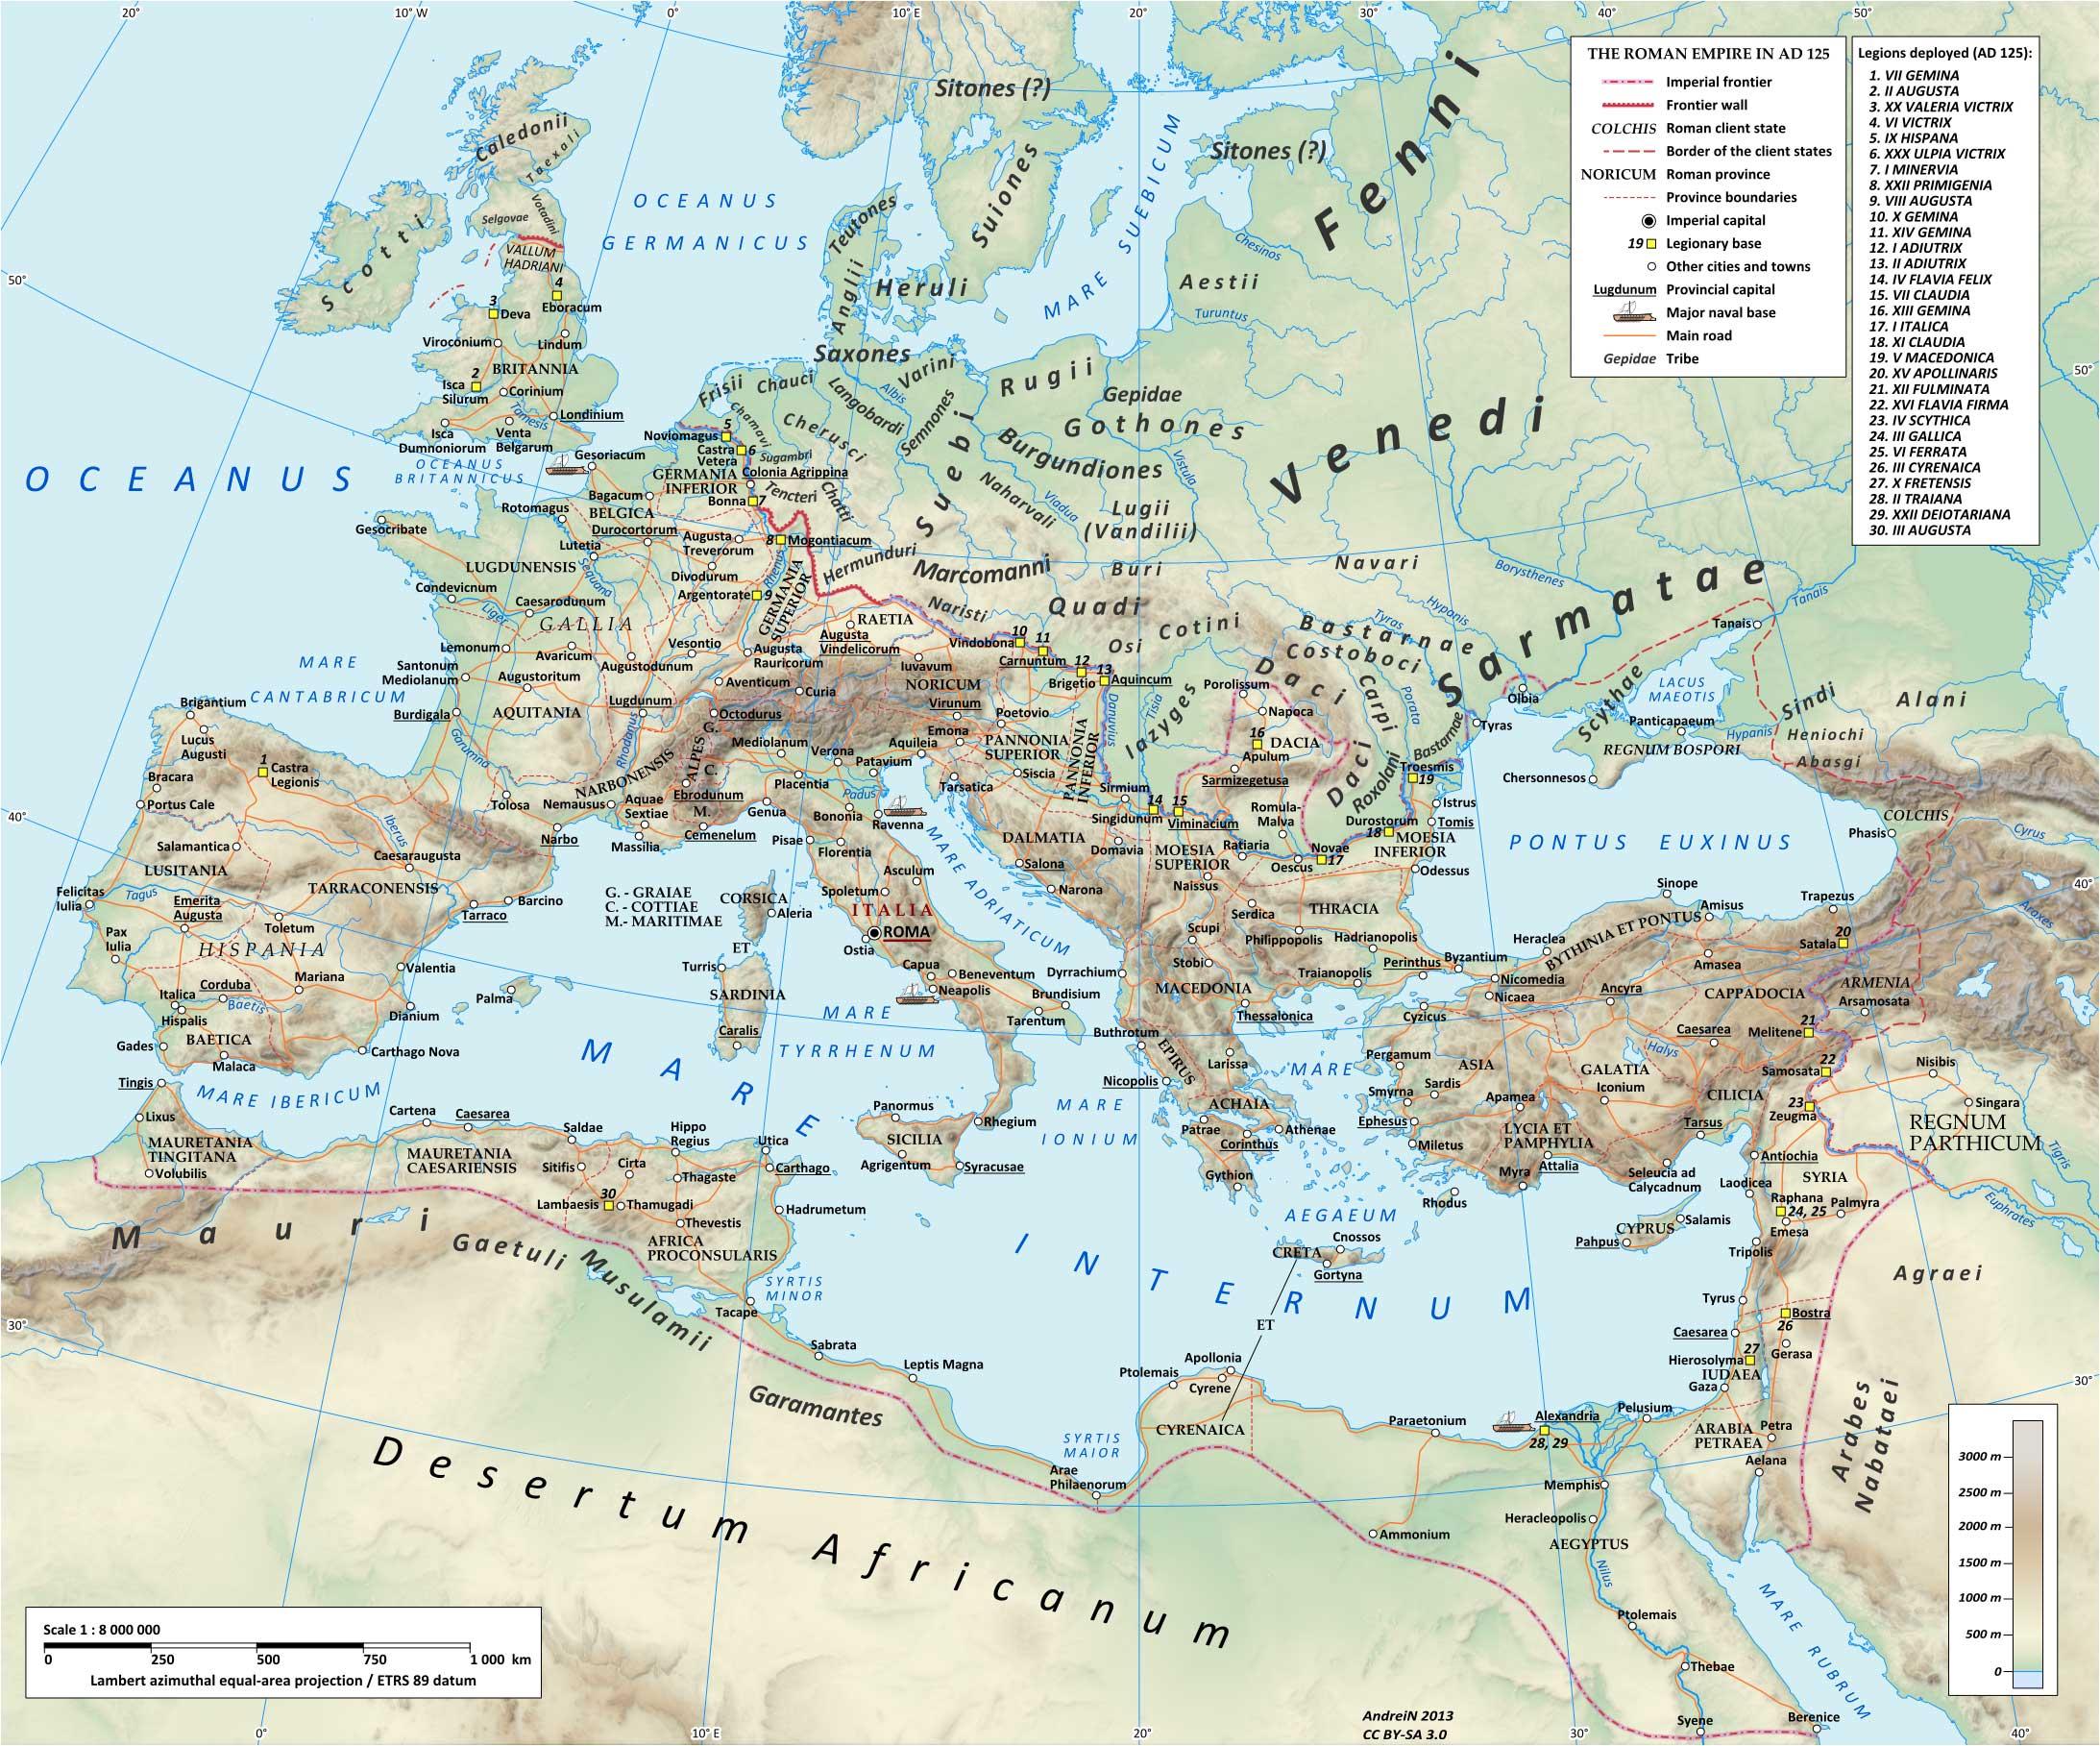 Voies romaines dans l'empire. IIè siècle ap. JC